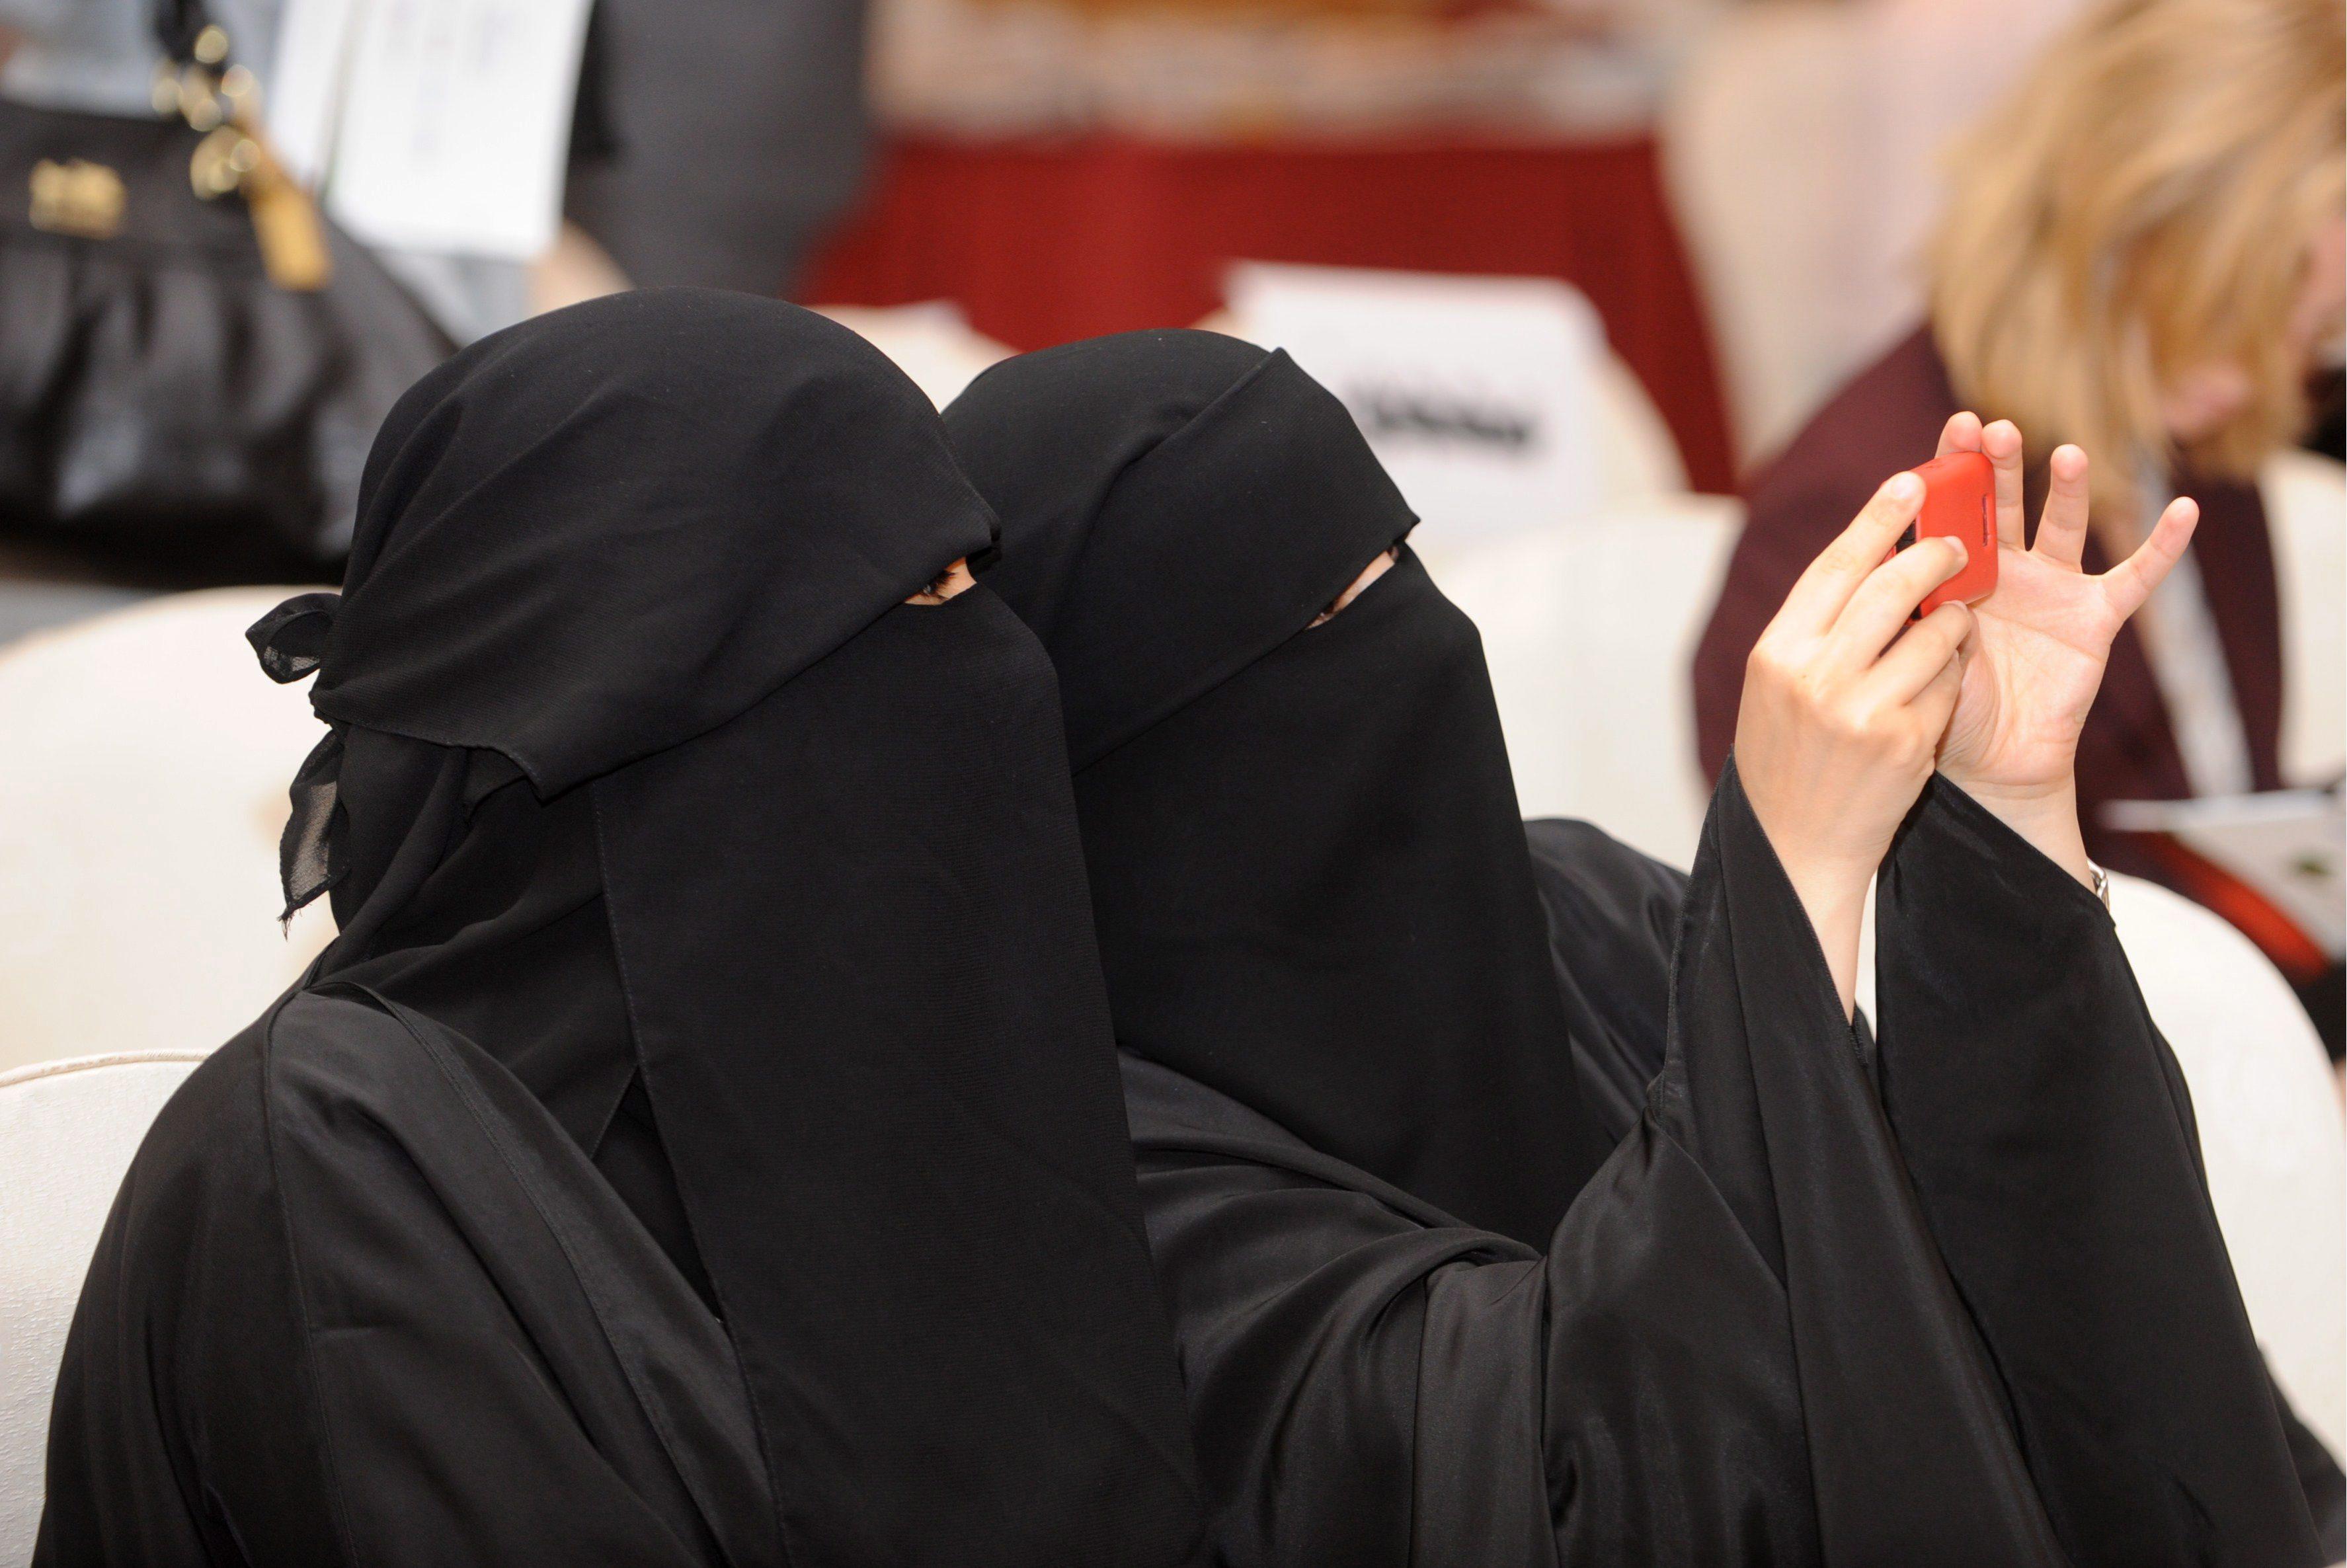 Arabia Saudita, i diritti fondamentali non esistono: tutto quello che una donna non può fare